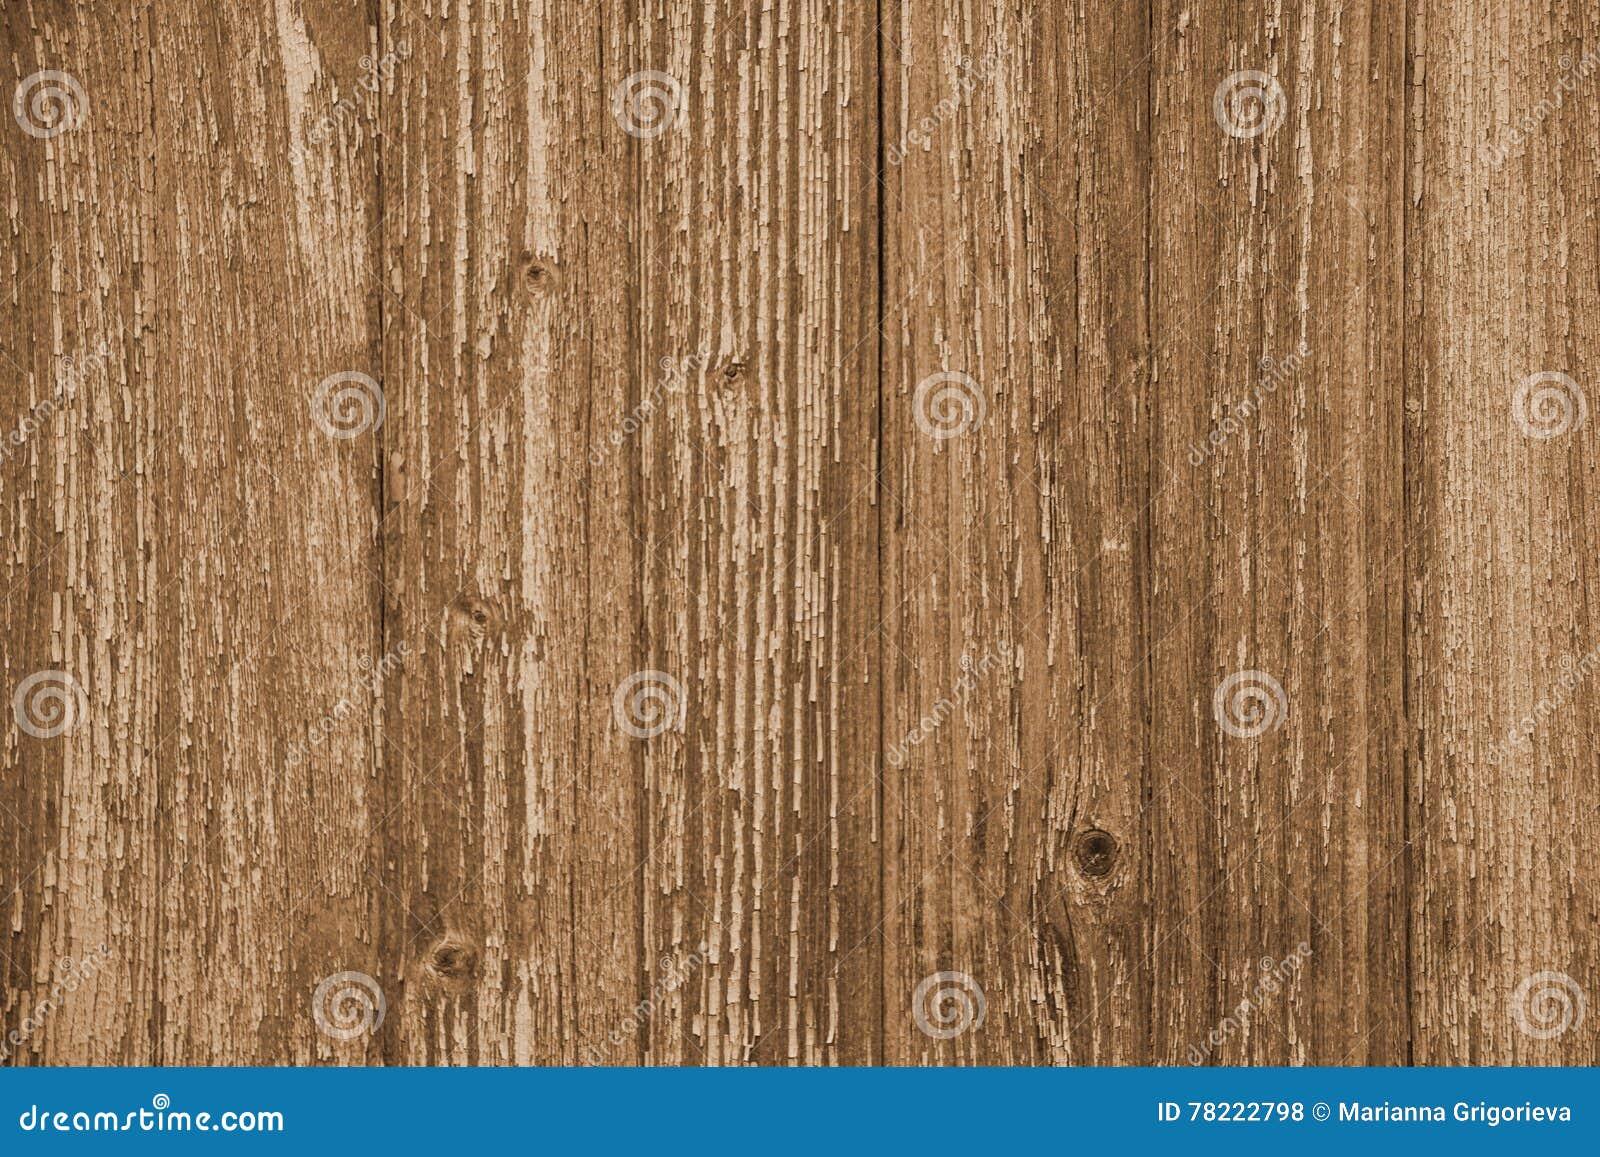 fond en bois de planche couleur brun clair chaude conseils verticaux texture en bois vieille. Black Bedroom Furniture Sets. Home Design Ideas